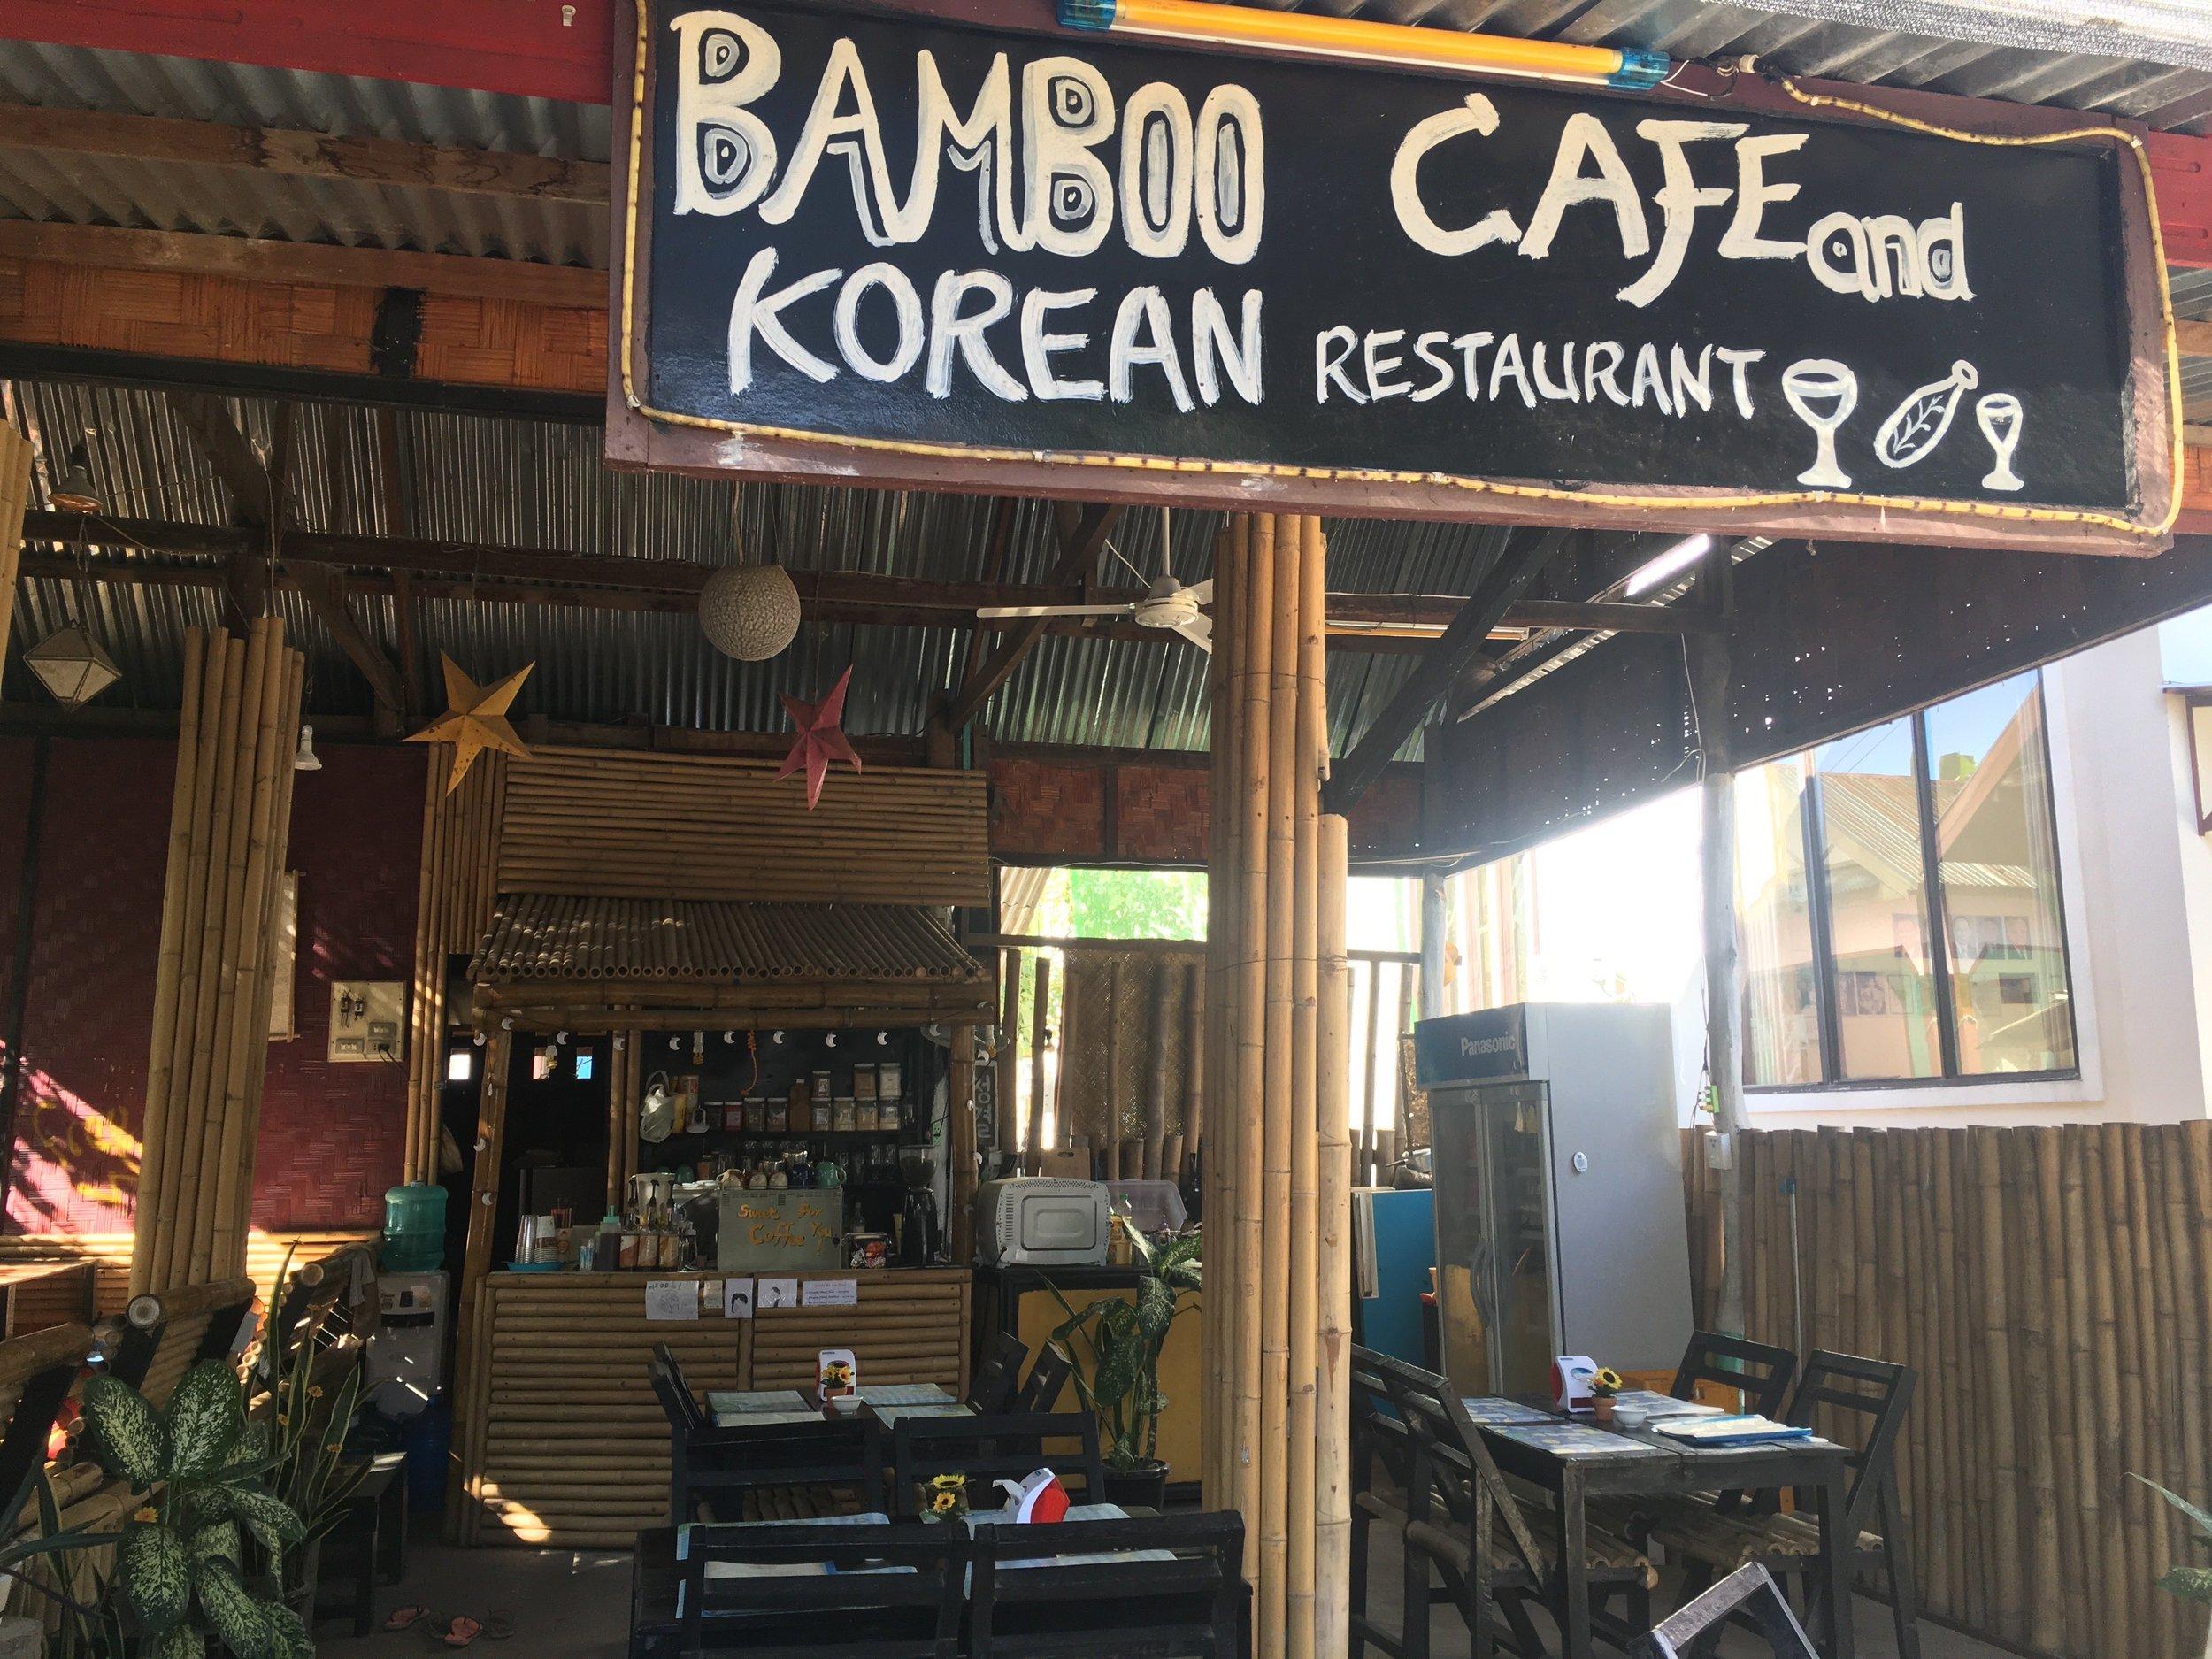 Bamboo Cafe & Korean Restaurant |© Regina Beach